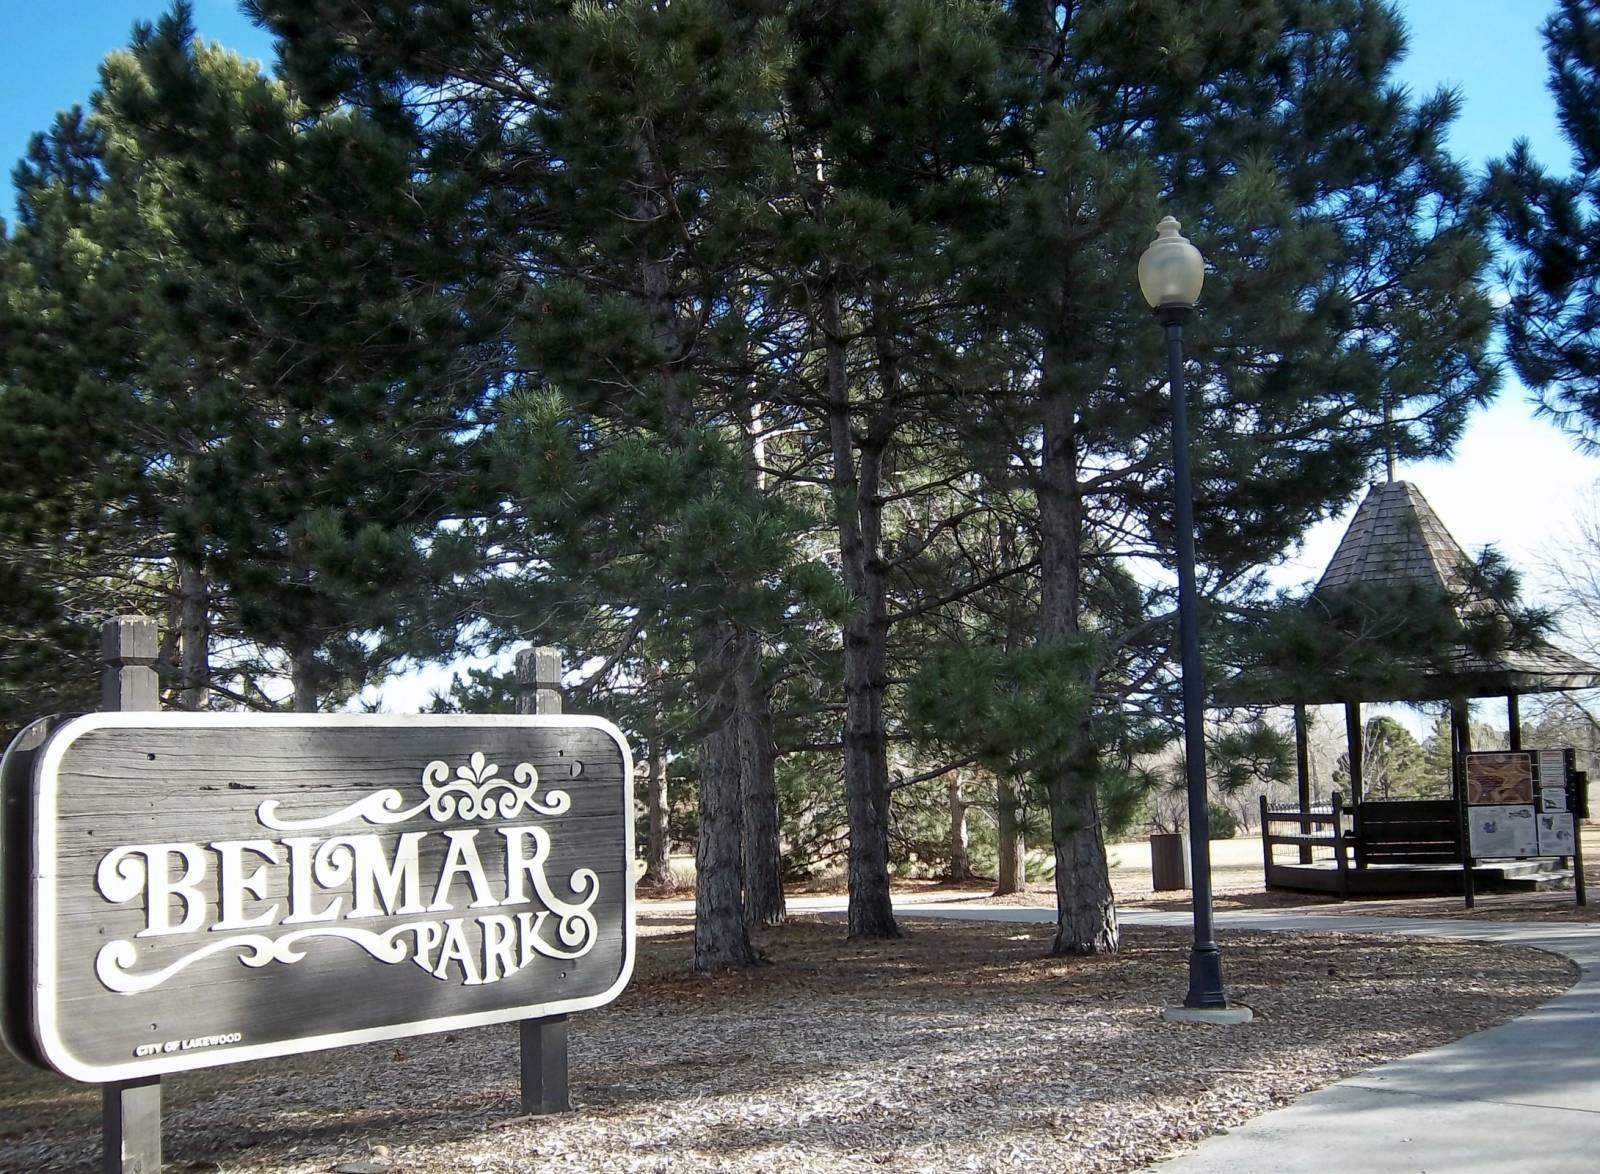 Belmar Park